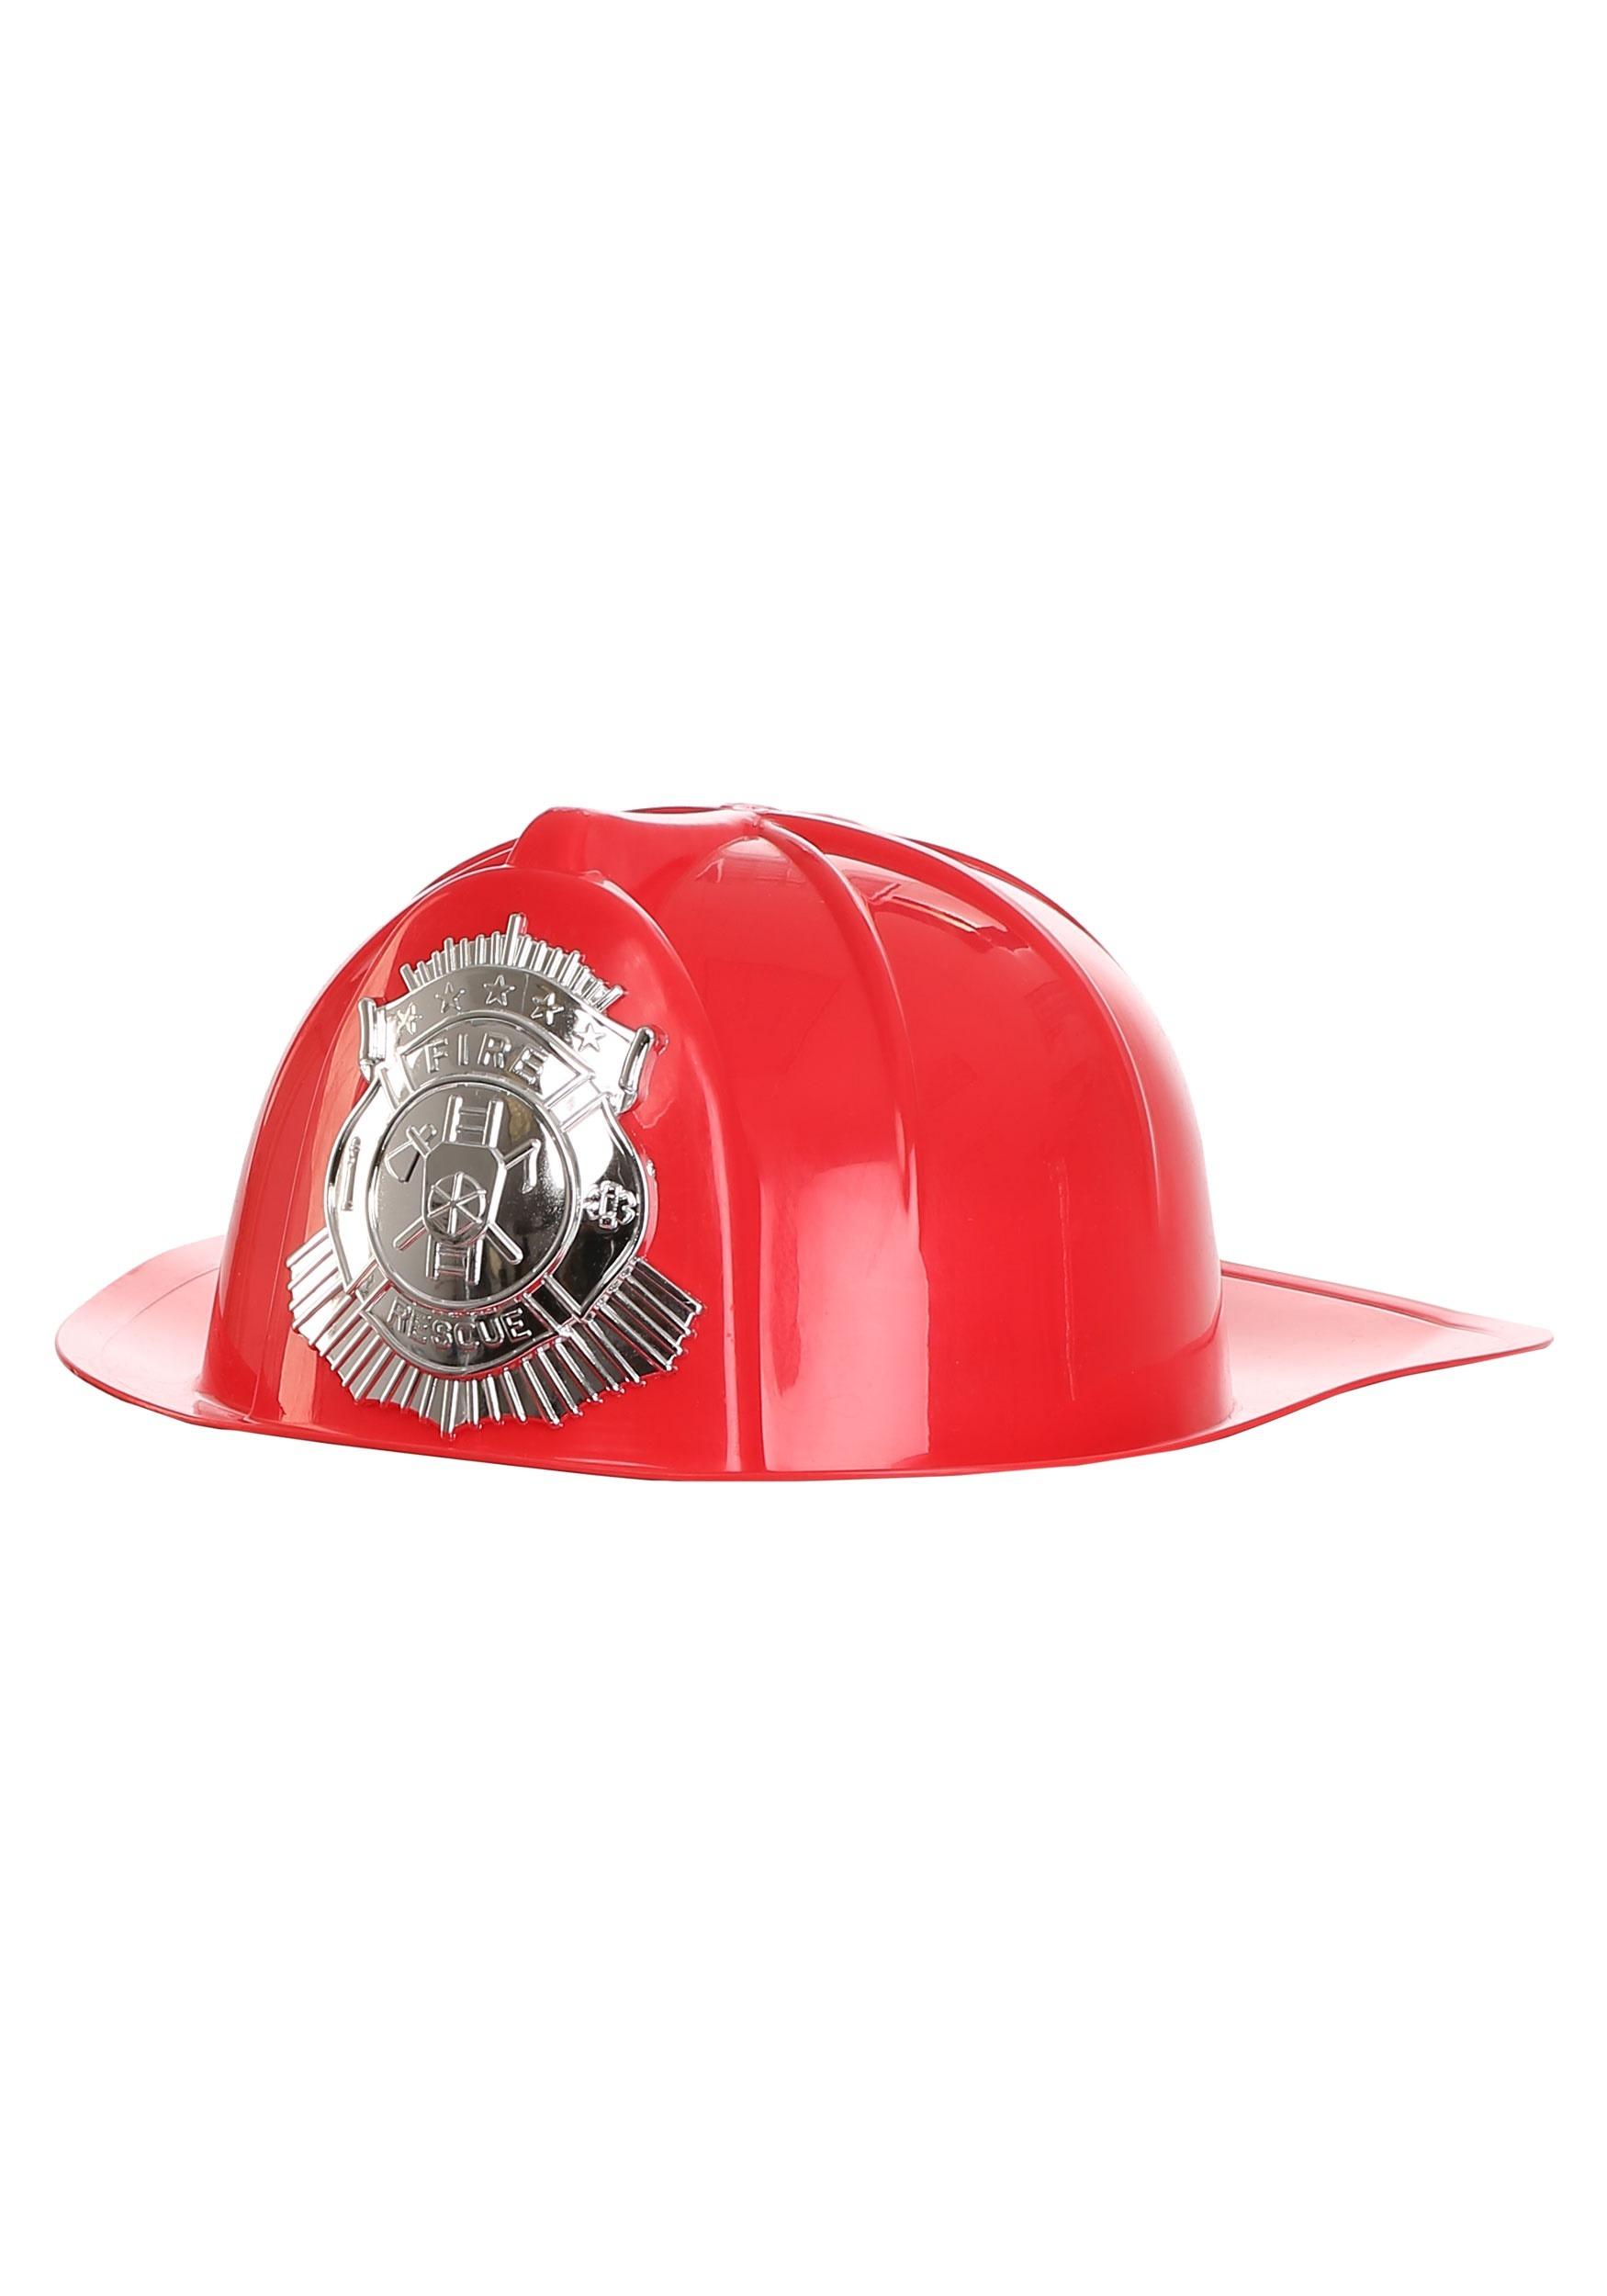 Deluxe Fireman's Red Helmet